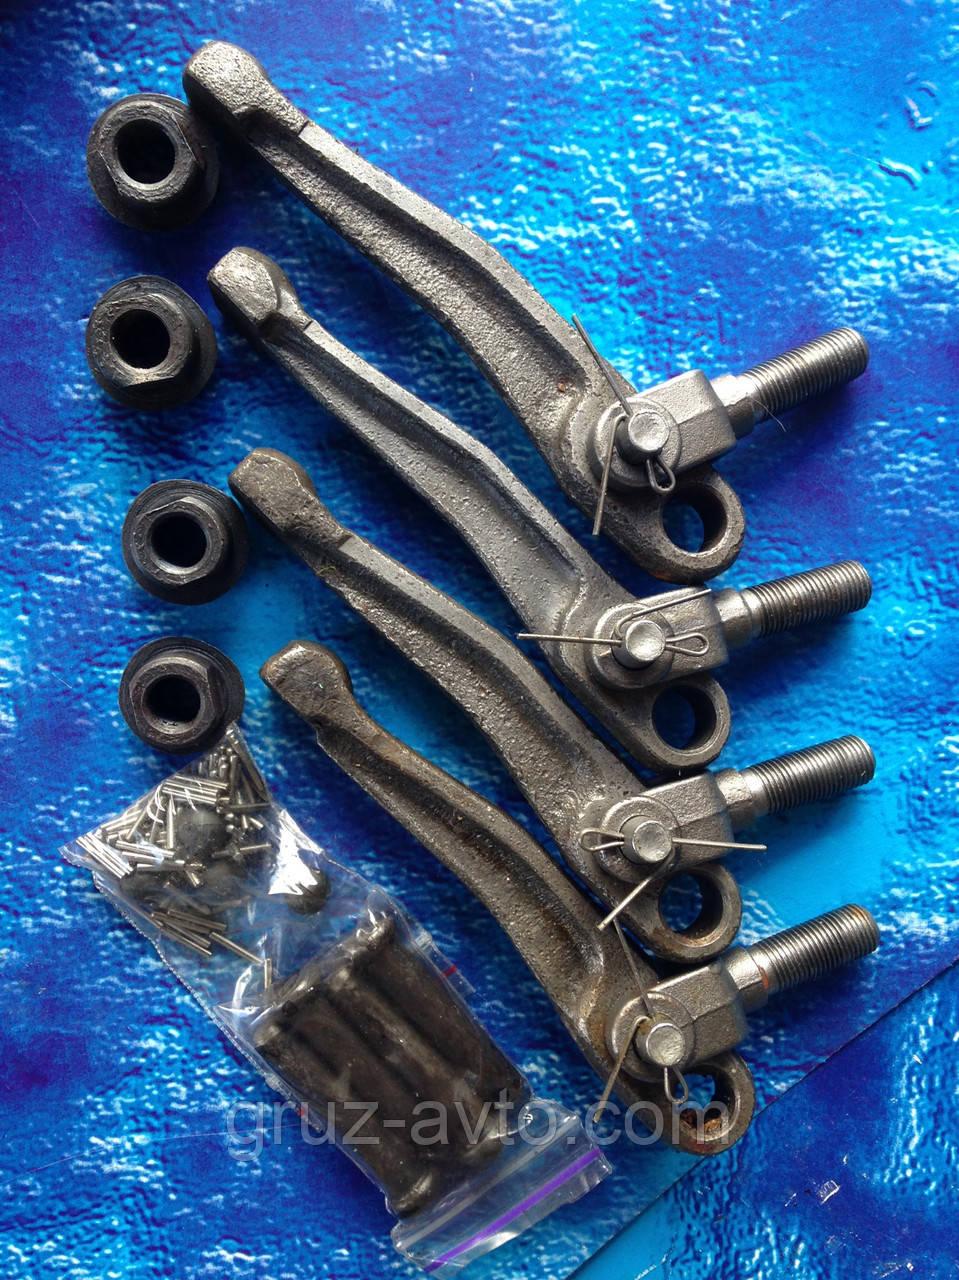 Ремкомплект диска сцепления нажимного (корзины) ЗИЛ-130 / 130-1601093